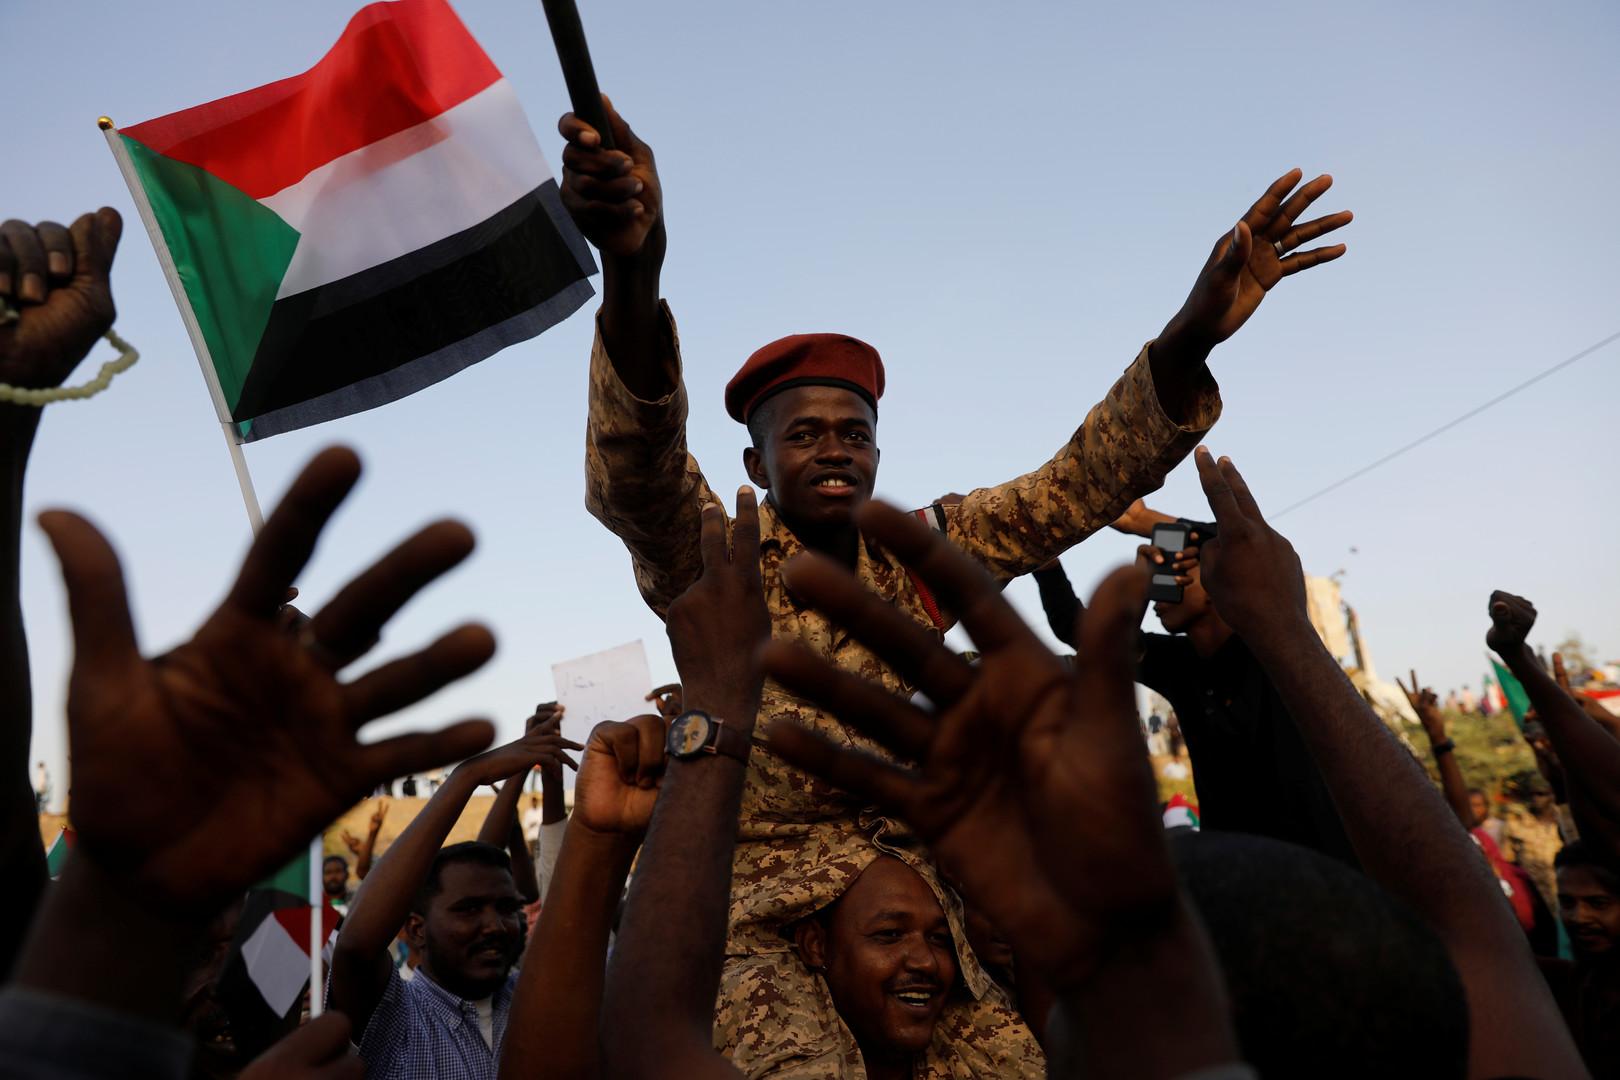 السودان: النظام مات، يعيش النظام